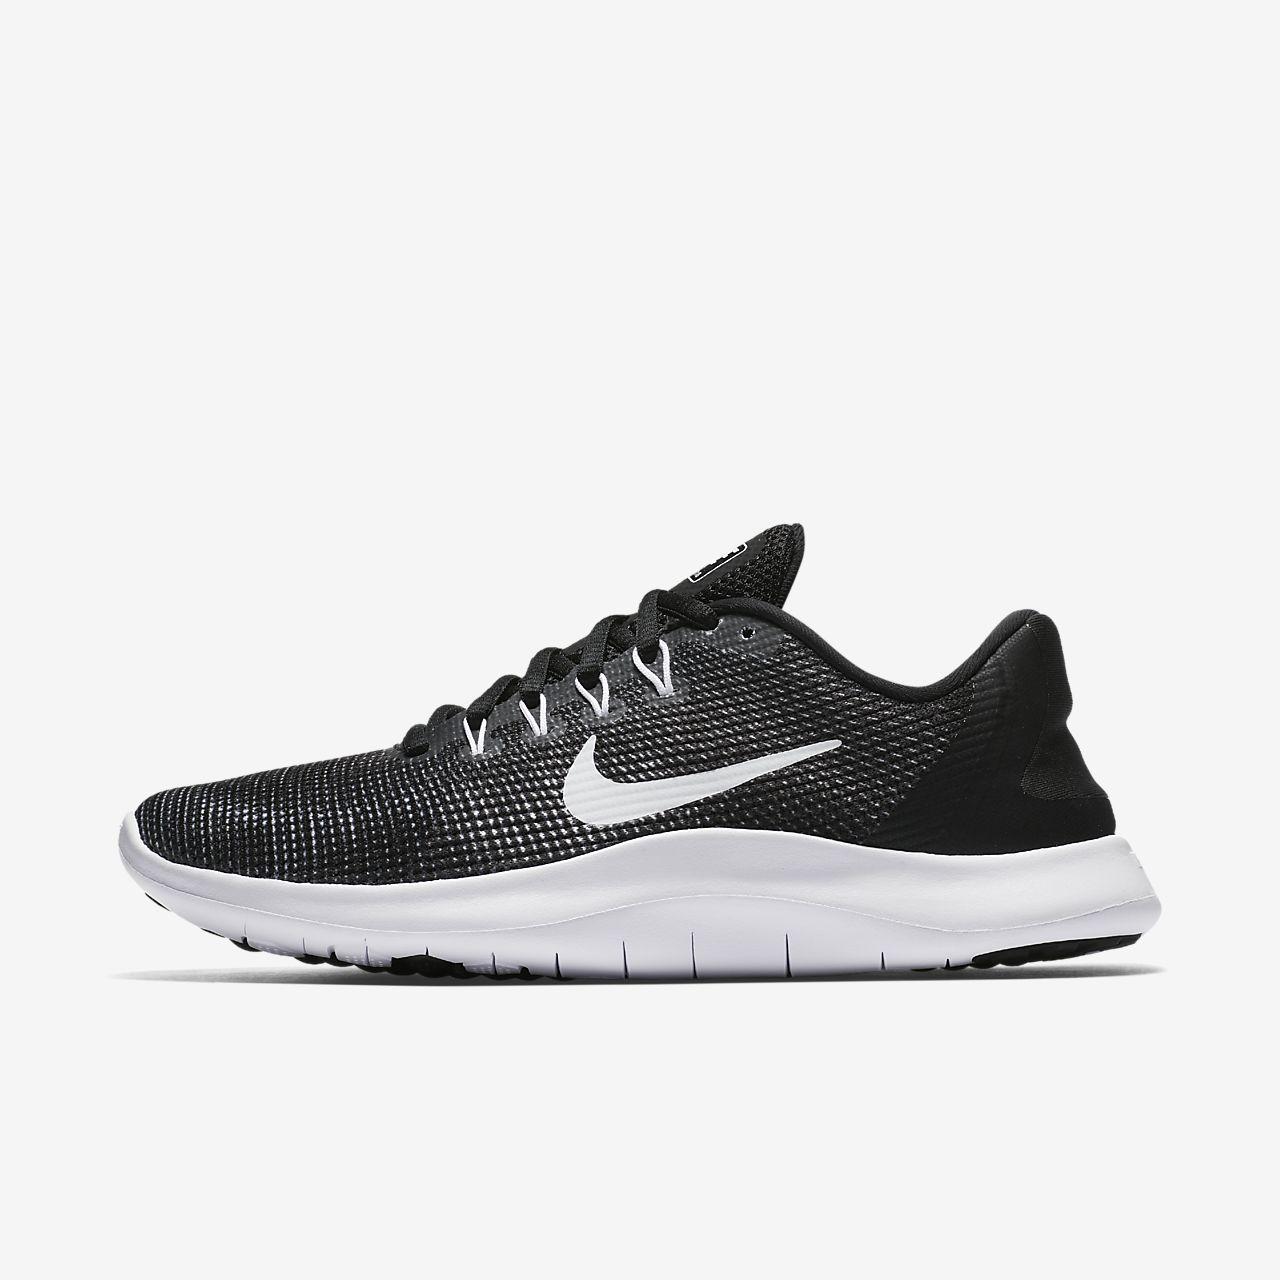 online retailer cb579 da950 ... Chaussure de running Nike Flex RN 2018 pour Femme